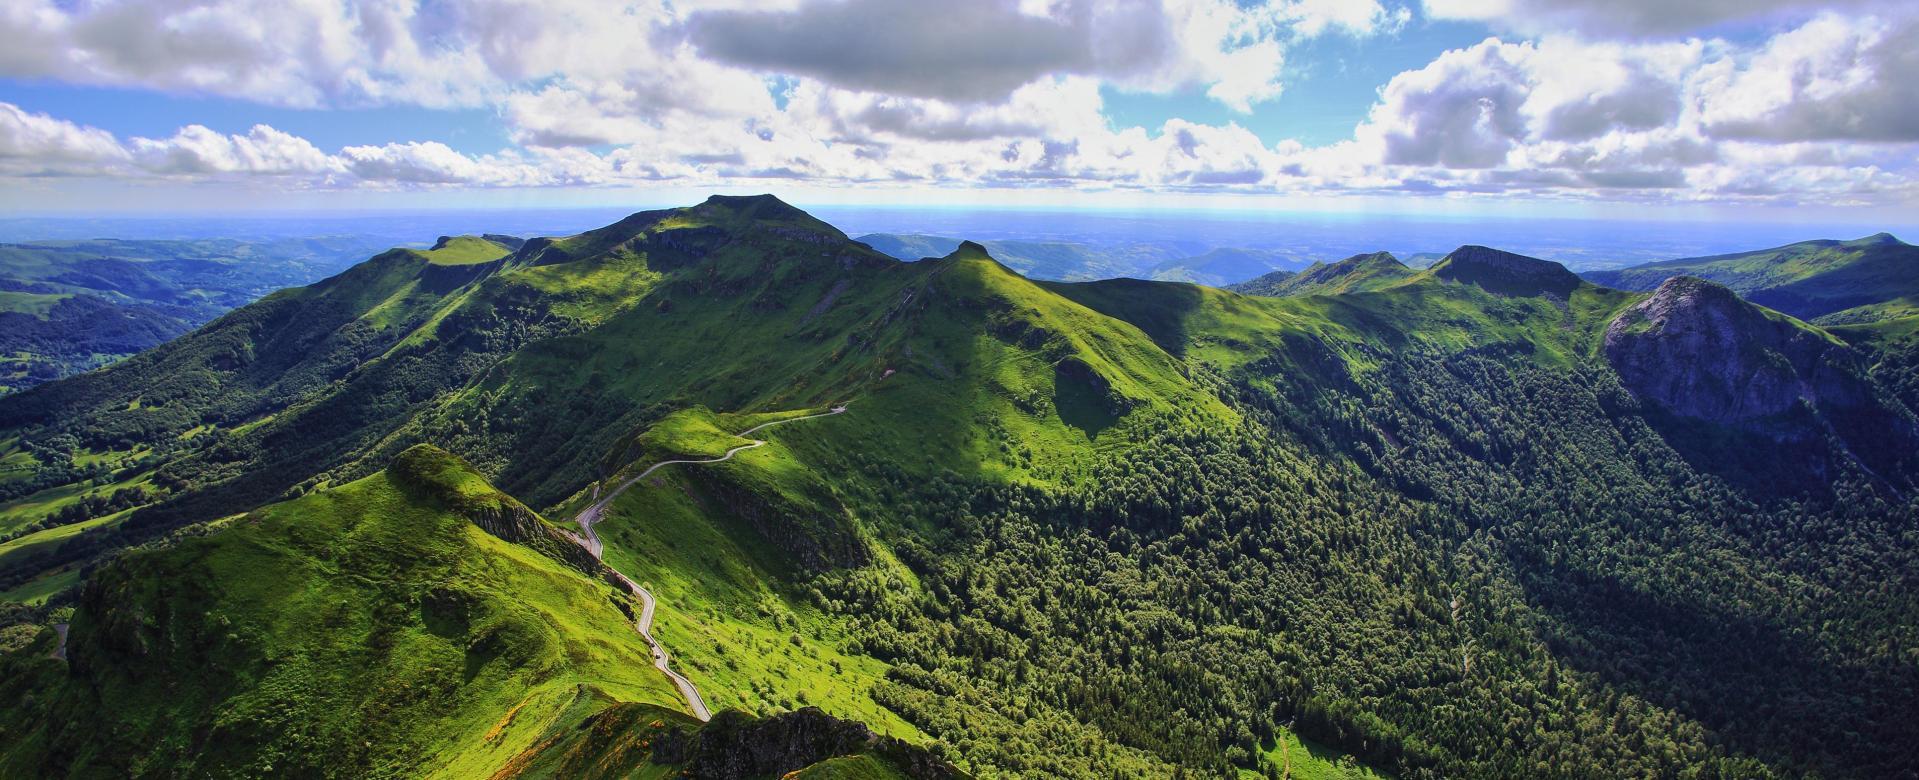 Voyage à pied France : Gtmc 1 : du puy-de-dôme au massif du sancy